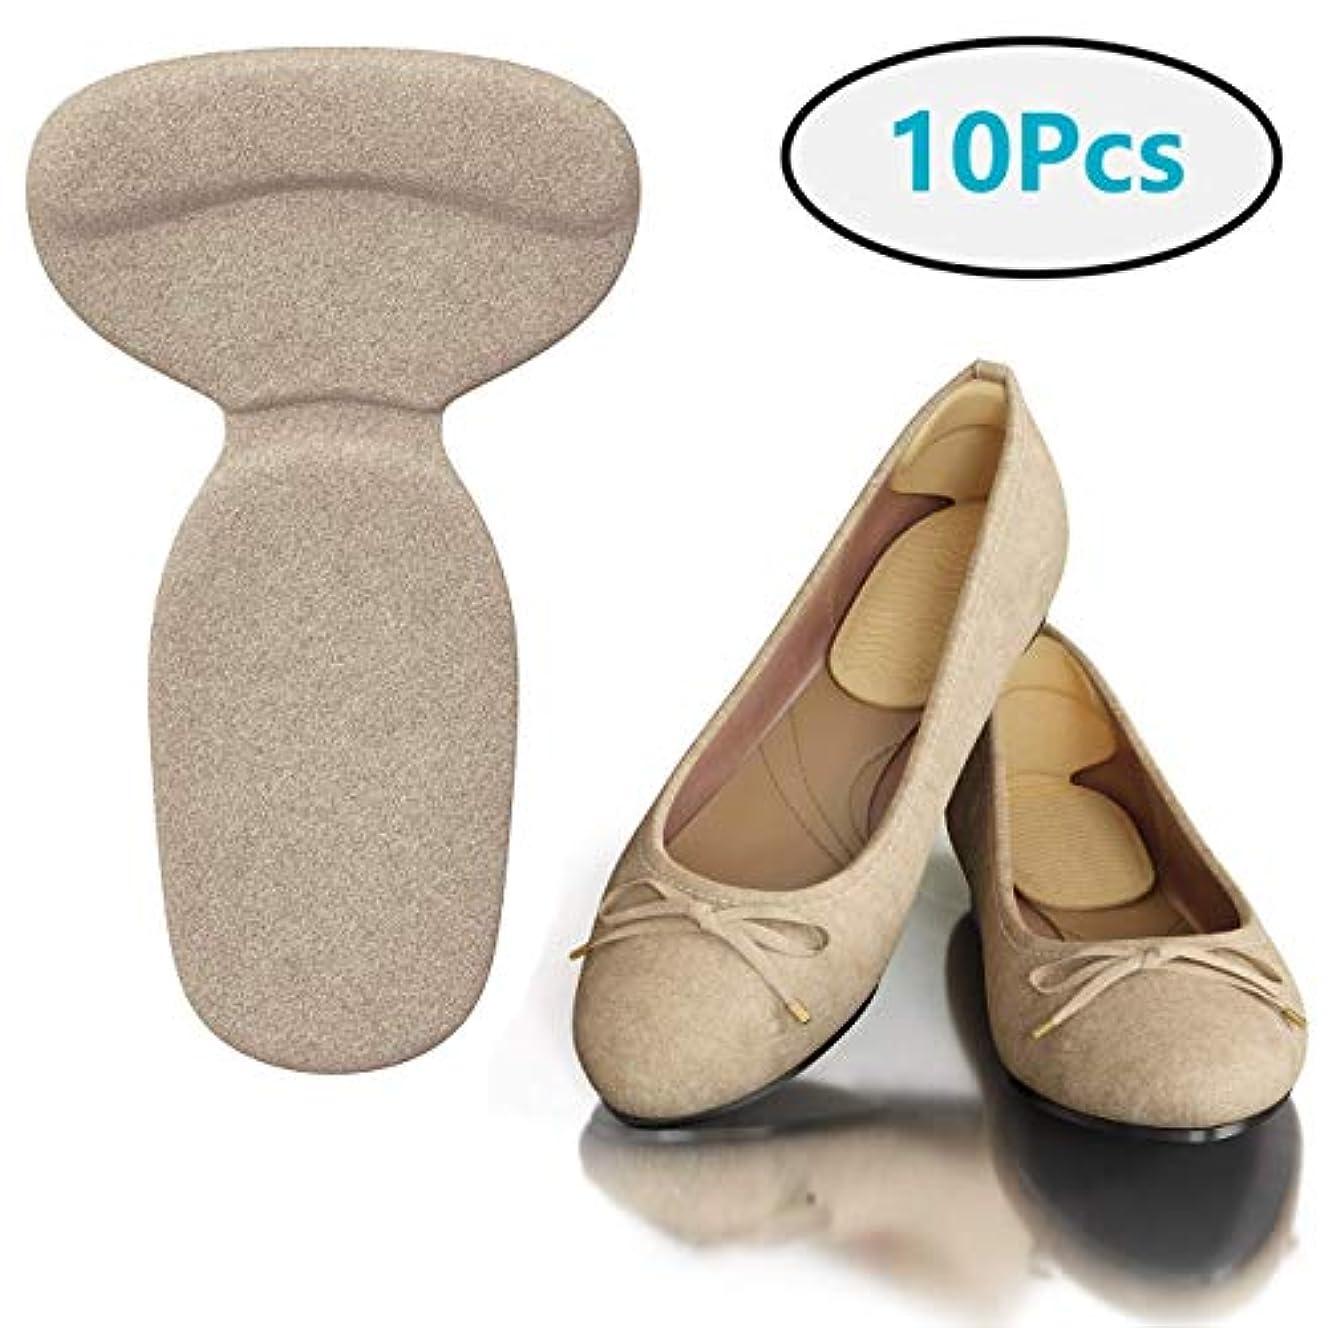 放棄寂しいアクセサリー大きすぎる靴のヒールグリップ-10靴インサートパッド-足の痛みの軽減、足底筋膜炎、骨の痛み、アキレスの痛みのためのジェルヒールカップ